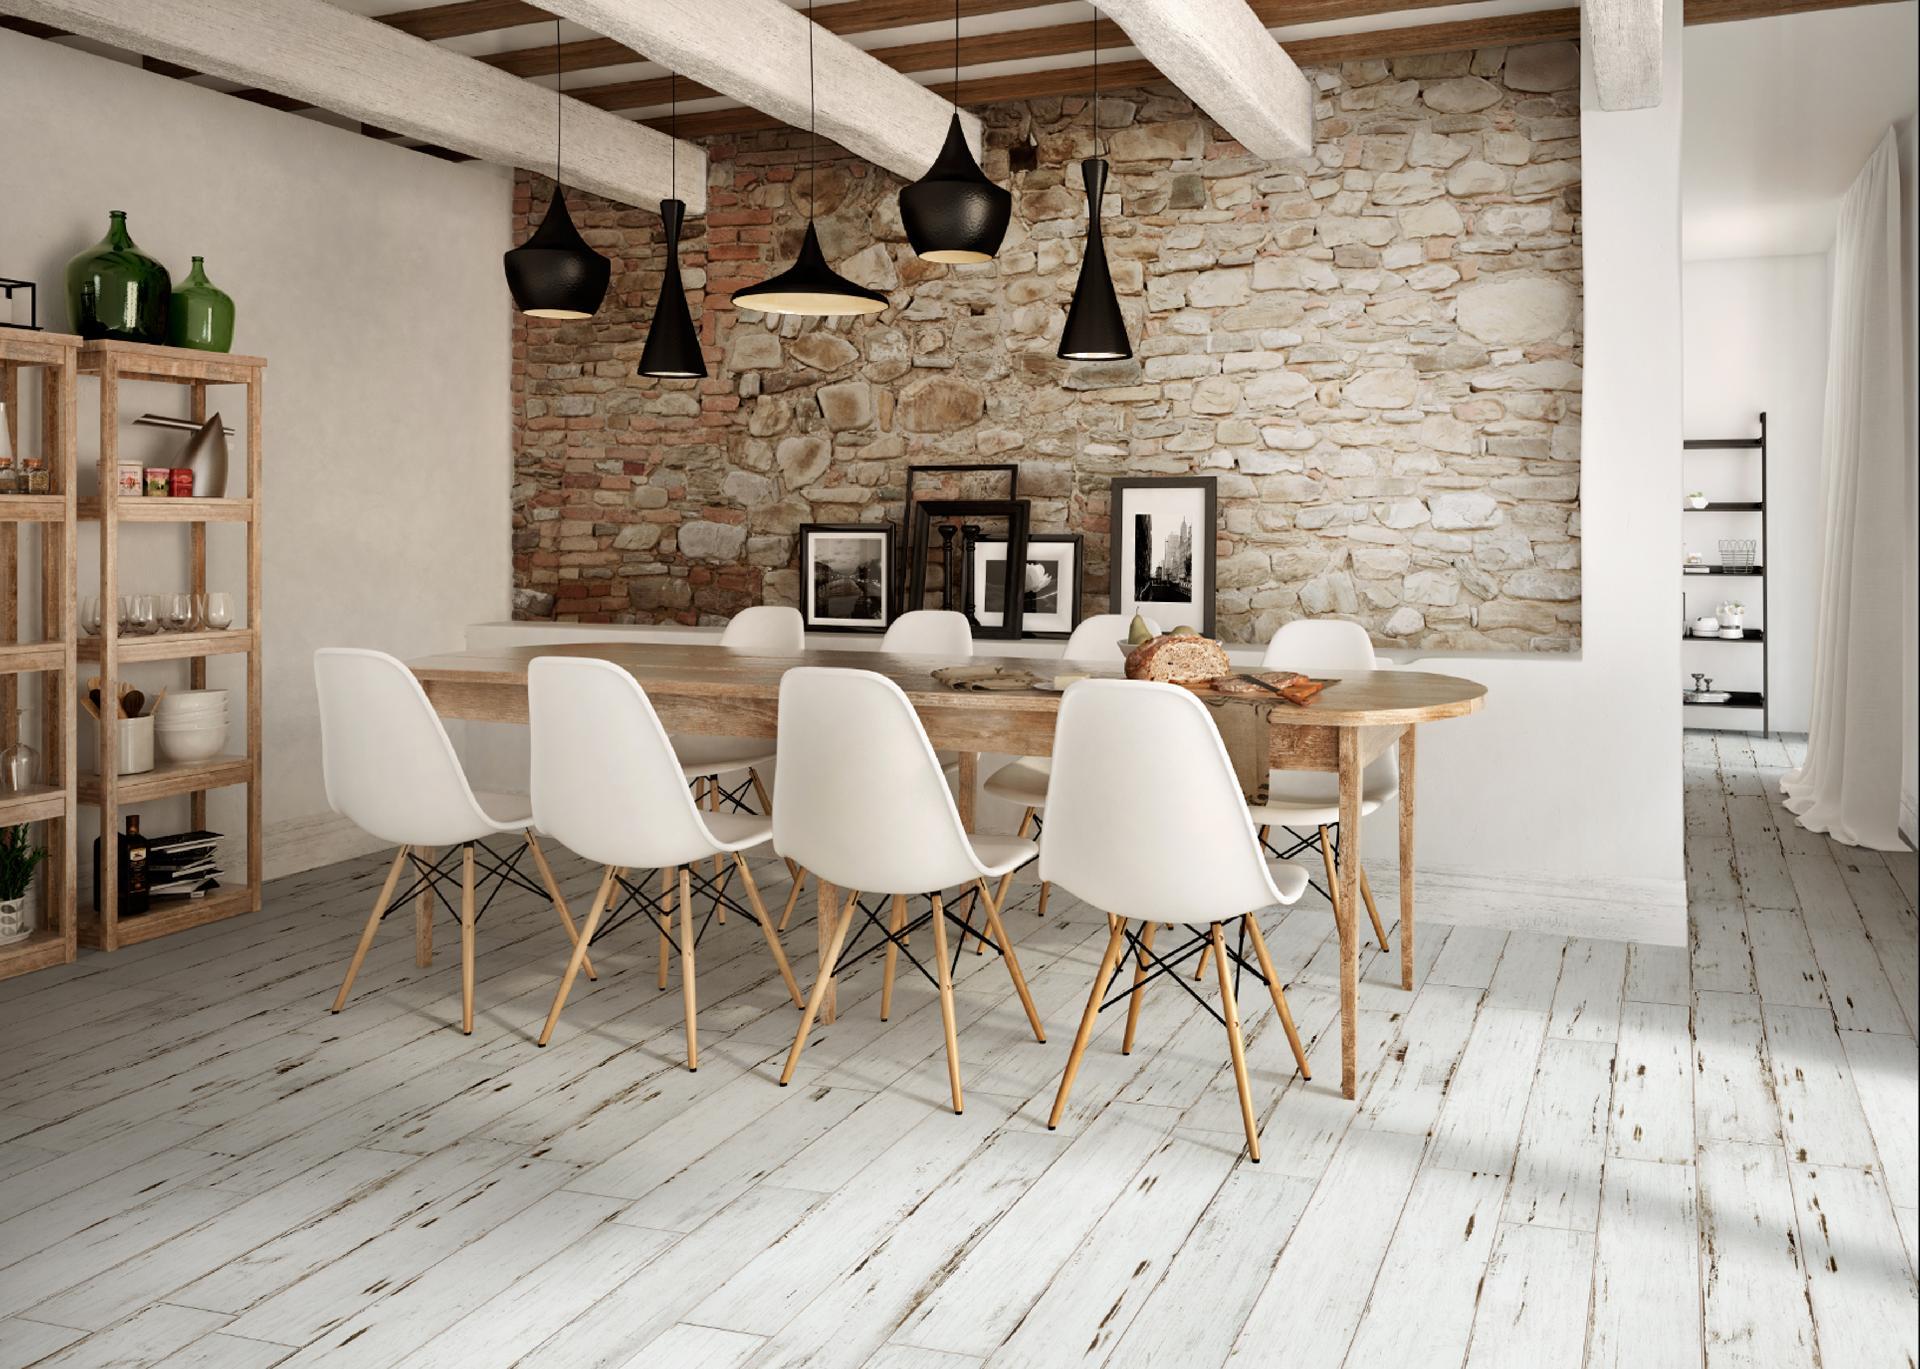 Painted rivestimenti pavimenti ceramiche saime for Brico arredo agrigento